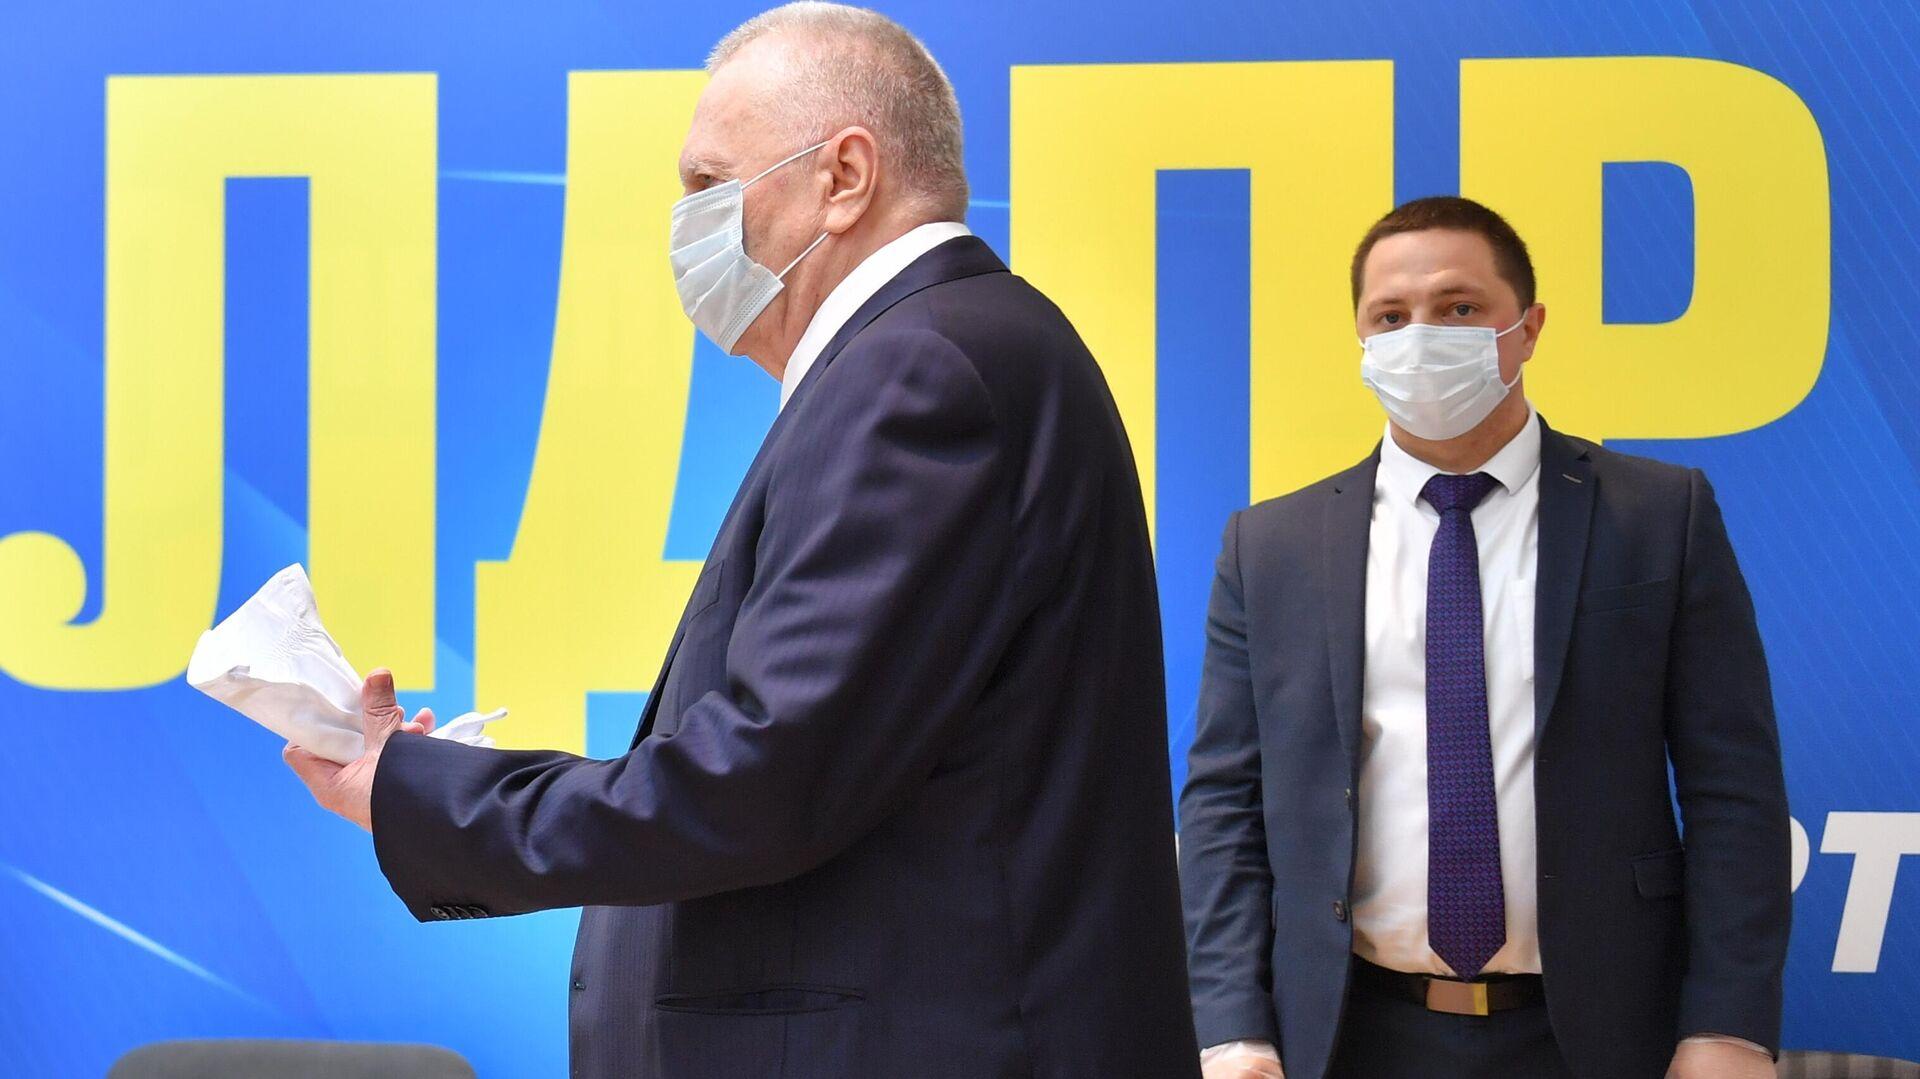 В высшем совете ЛДПР удивились высказыванию депутата о божественной власти